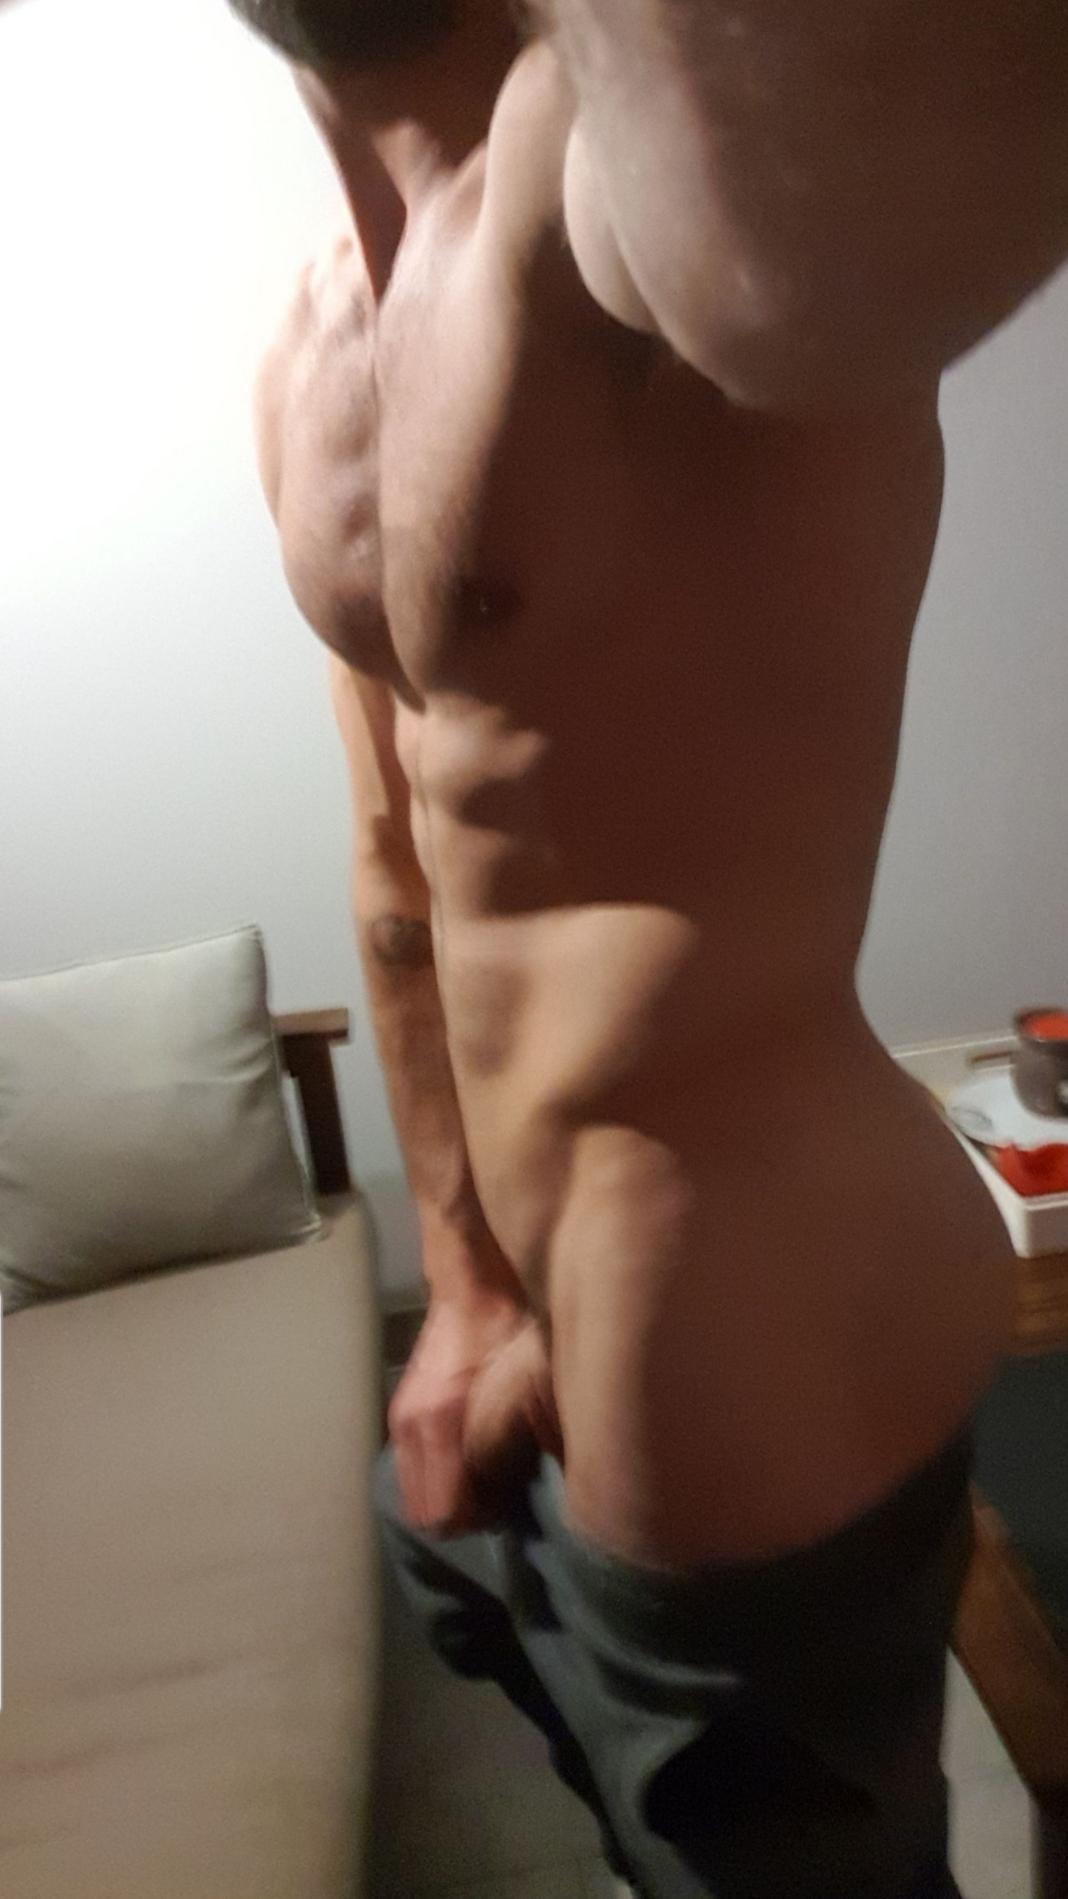 Jeunemale5 sexy?s=rwhmavrpuyjo4hcj3jdsjo7ne2uug3h3hfu7fwnbado=